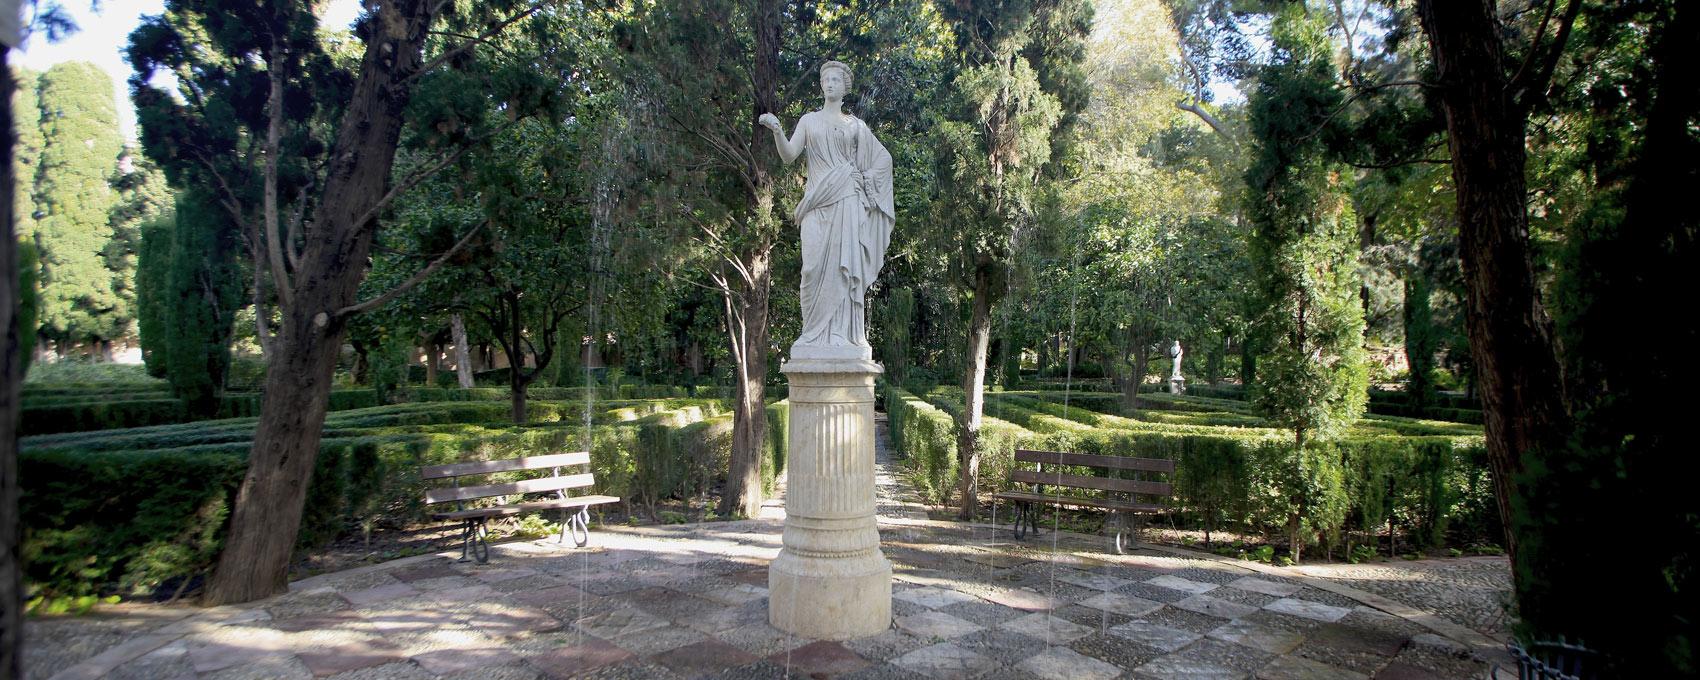 L'estàtua de la deessa Flora es situa al centre del PatidelsSortidors des d'on s'alça sobre el seu pedestal i domina l'espai del parterre nou